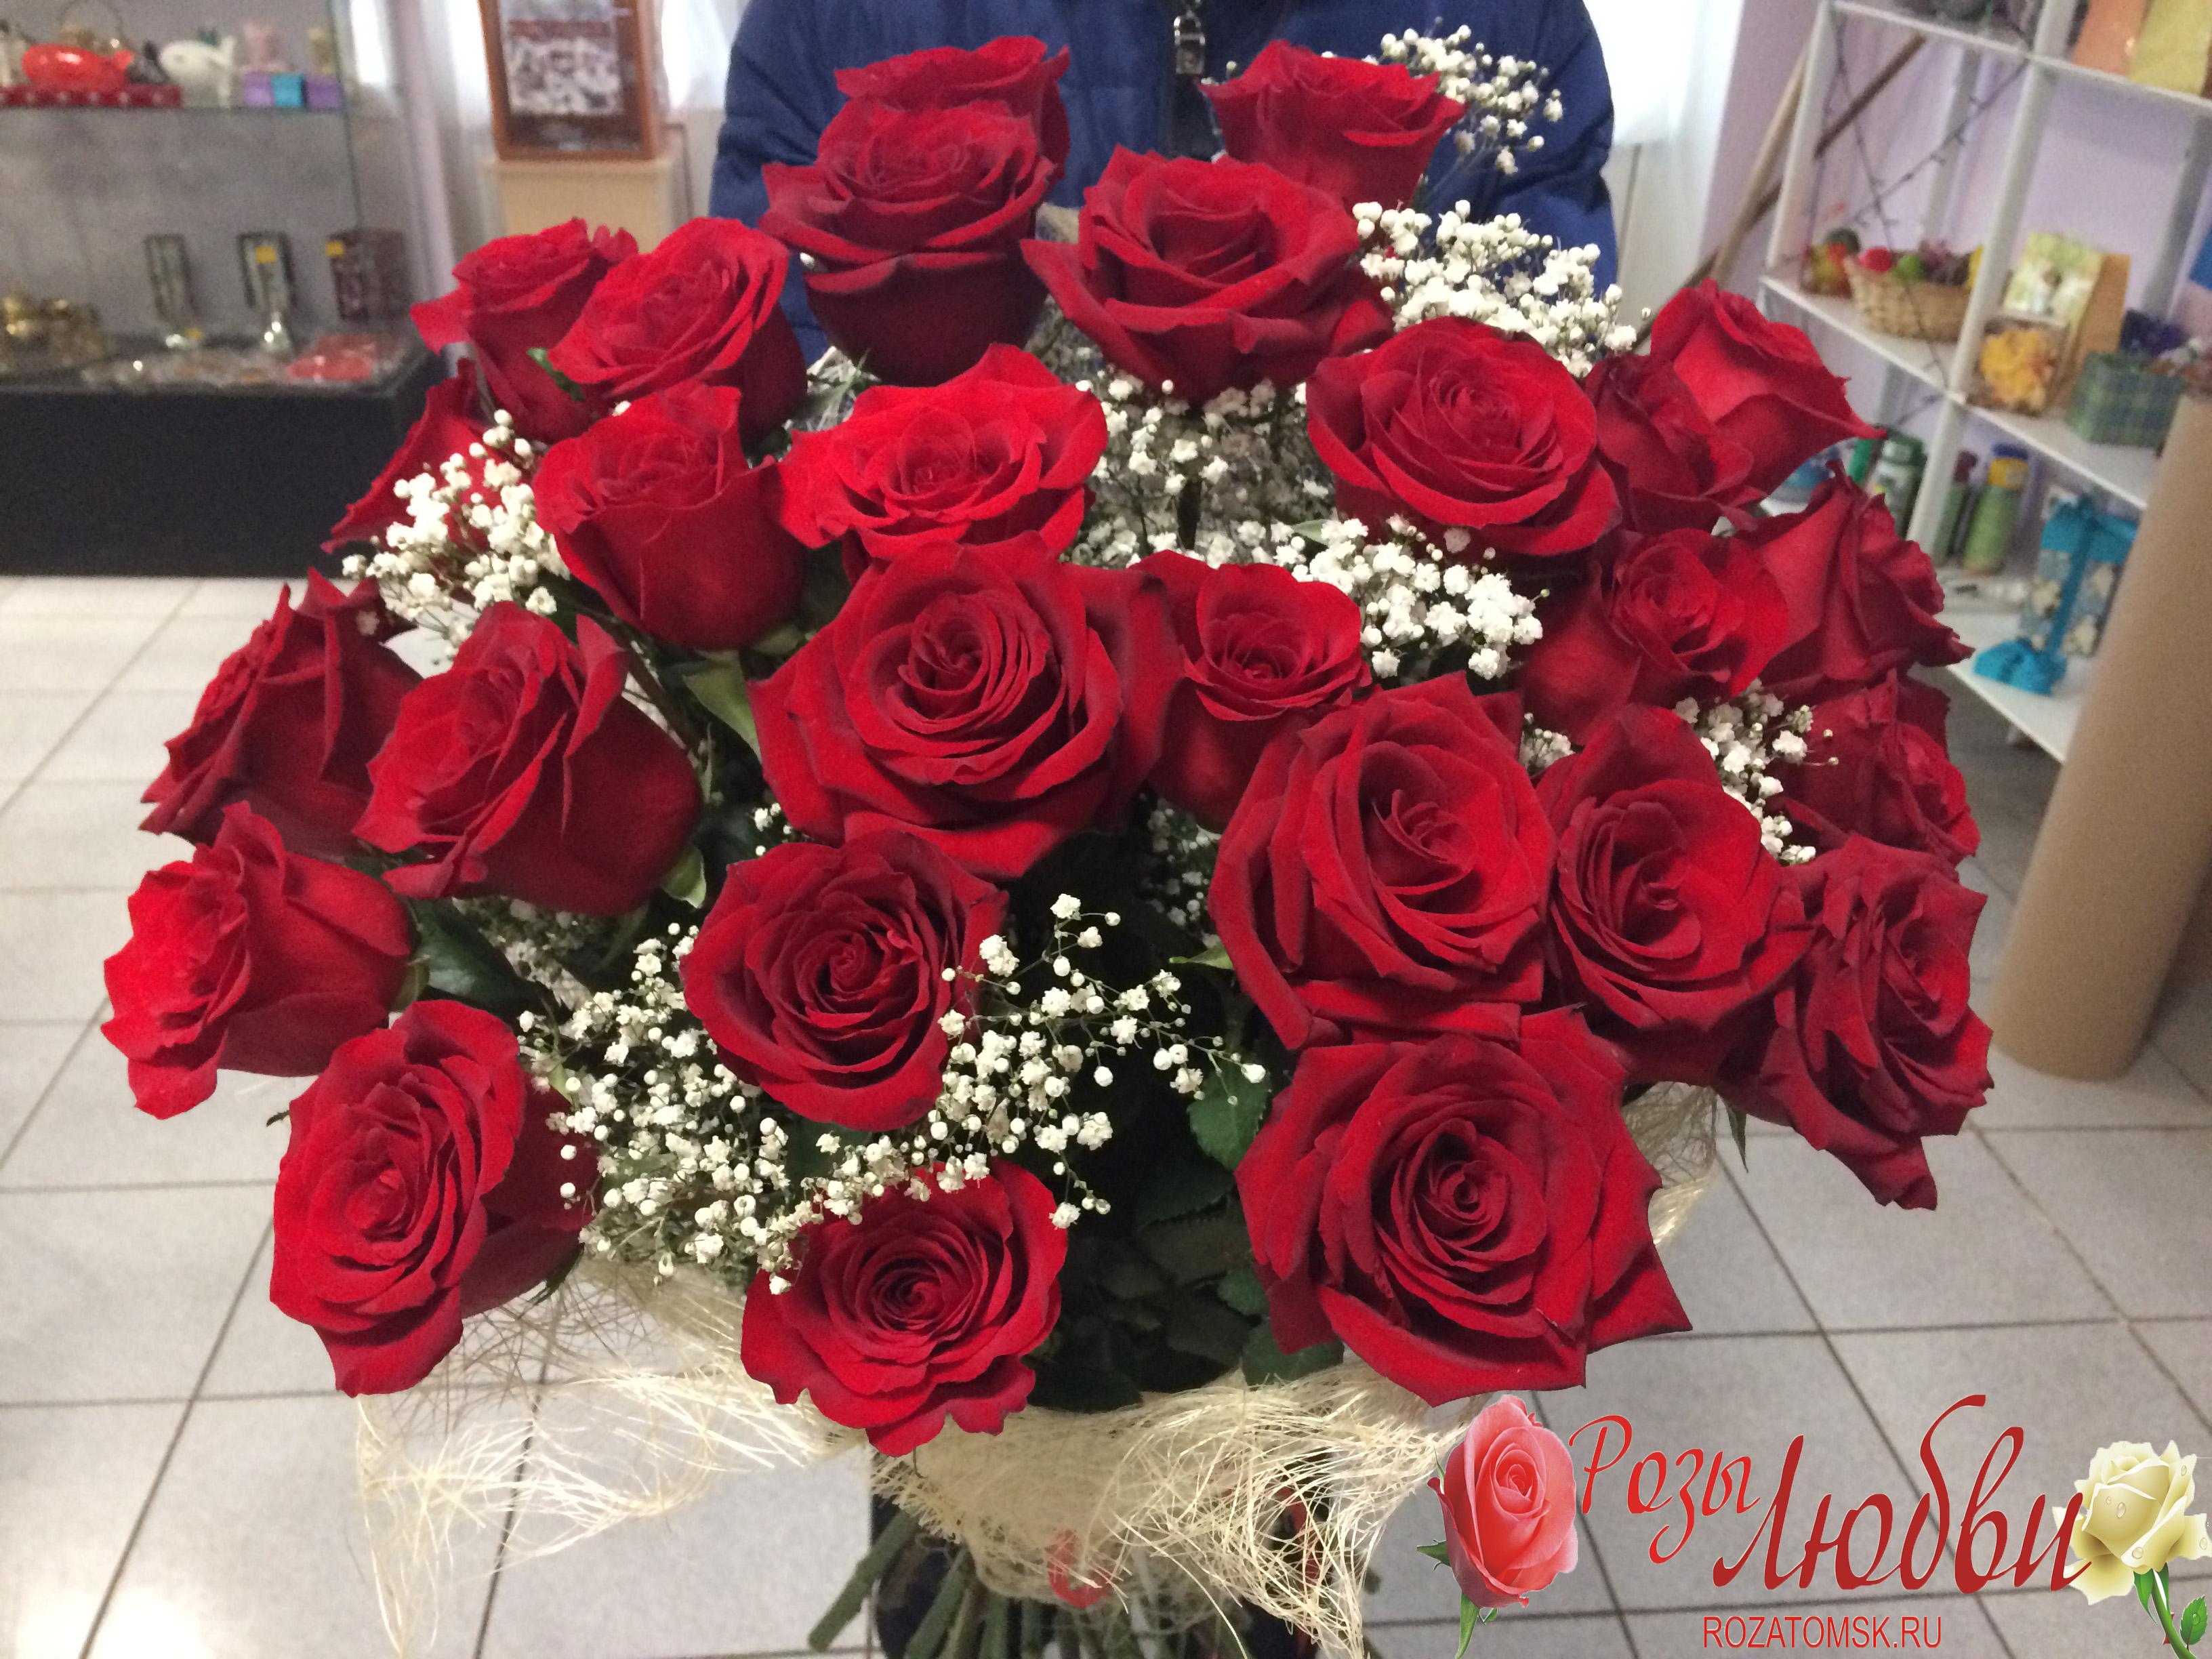 Любимой цветы, большие букеты роз с гипсофилой